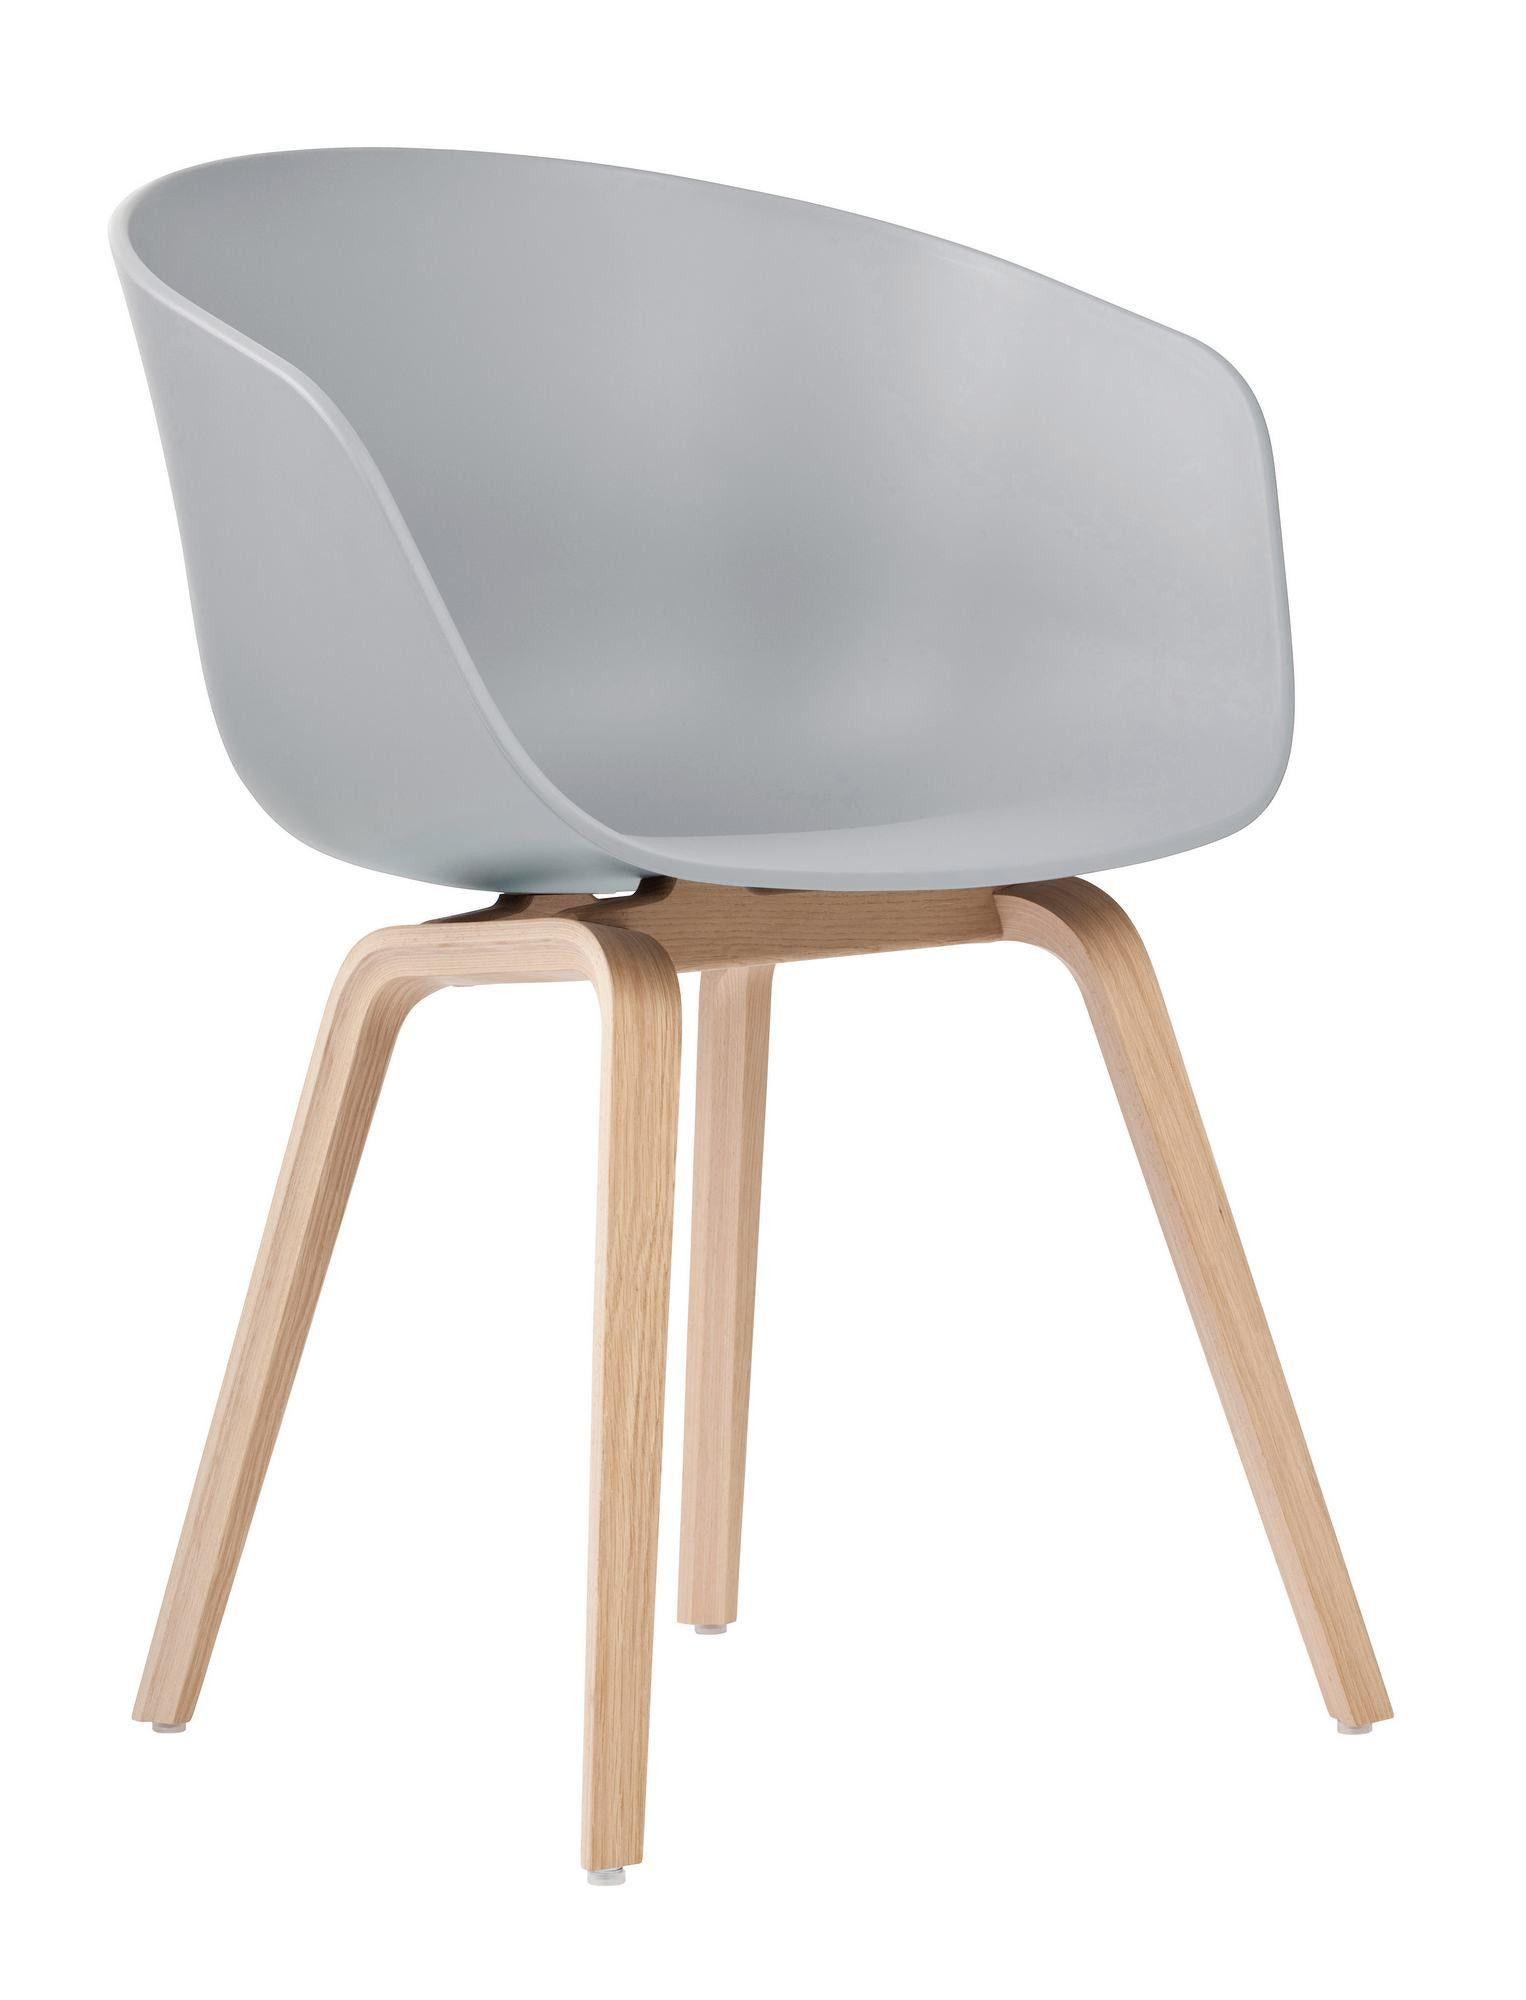 About A Chair Aac22 Aac 22 Stuhl Hay Einrichten Design De Chair Hay Chair Fire Pit Chairs